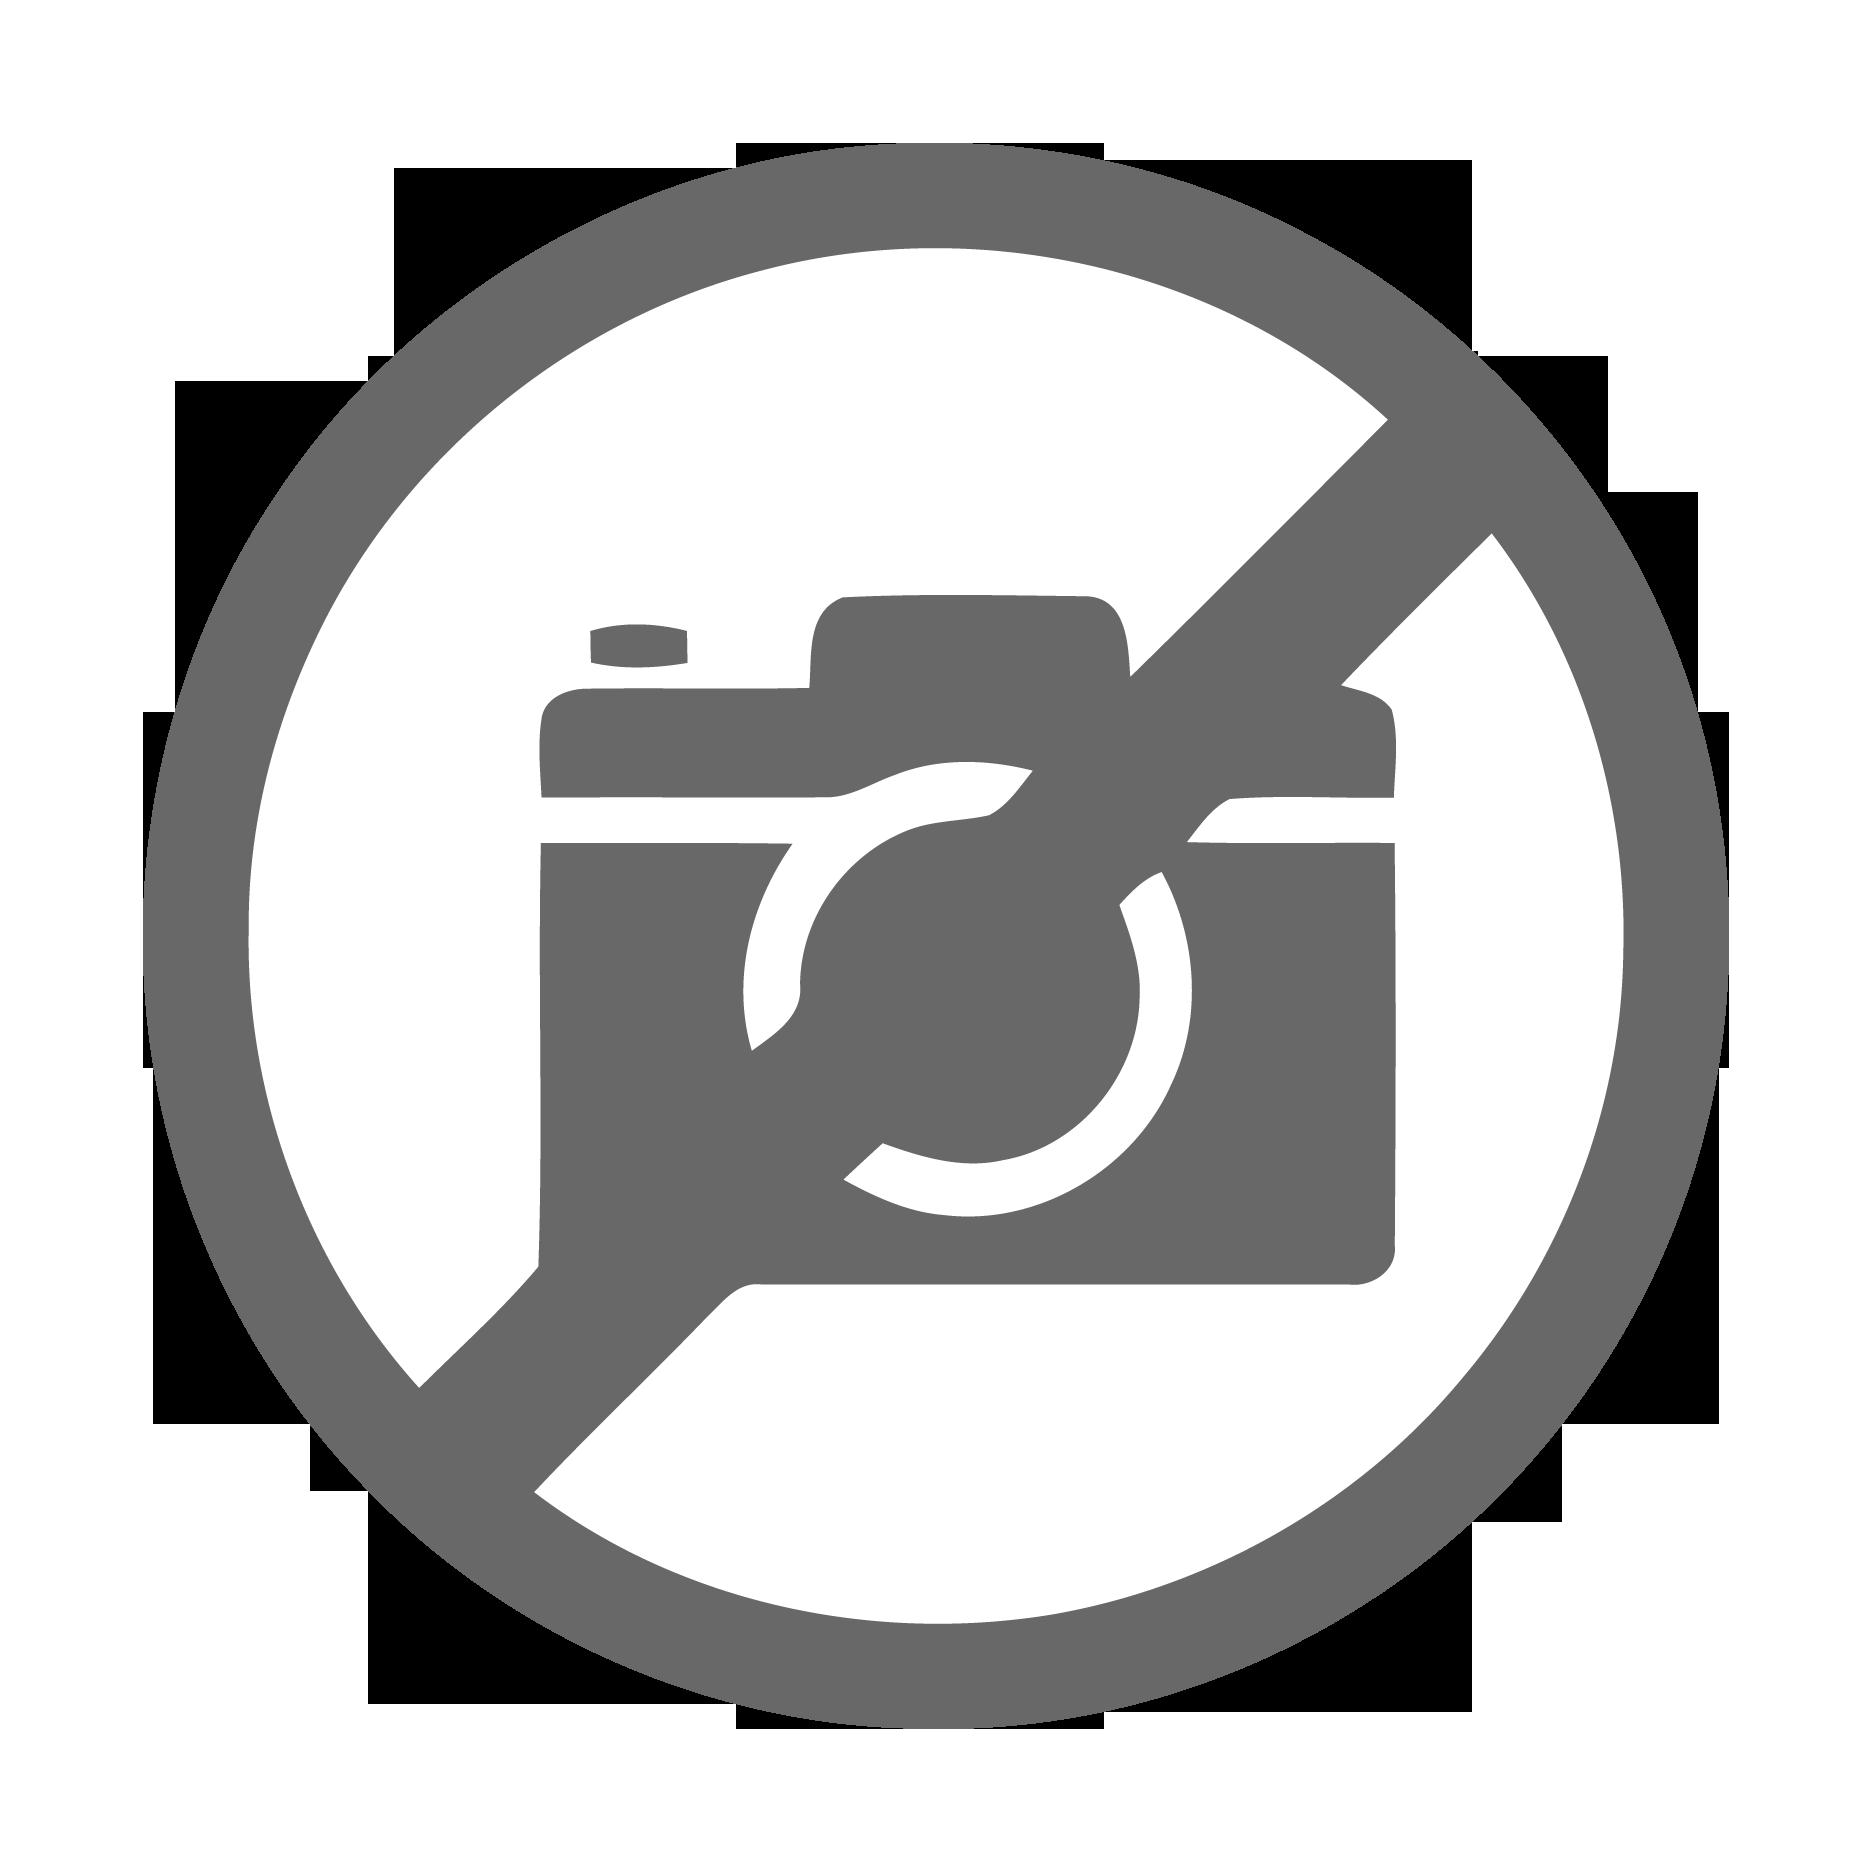 Ефирна рокля в зелено с цепки - Лимитирана